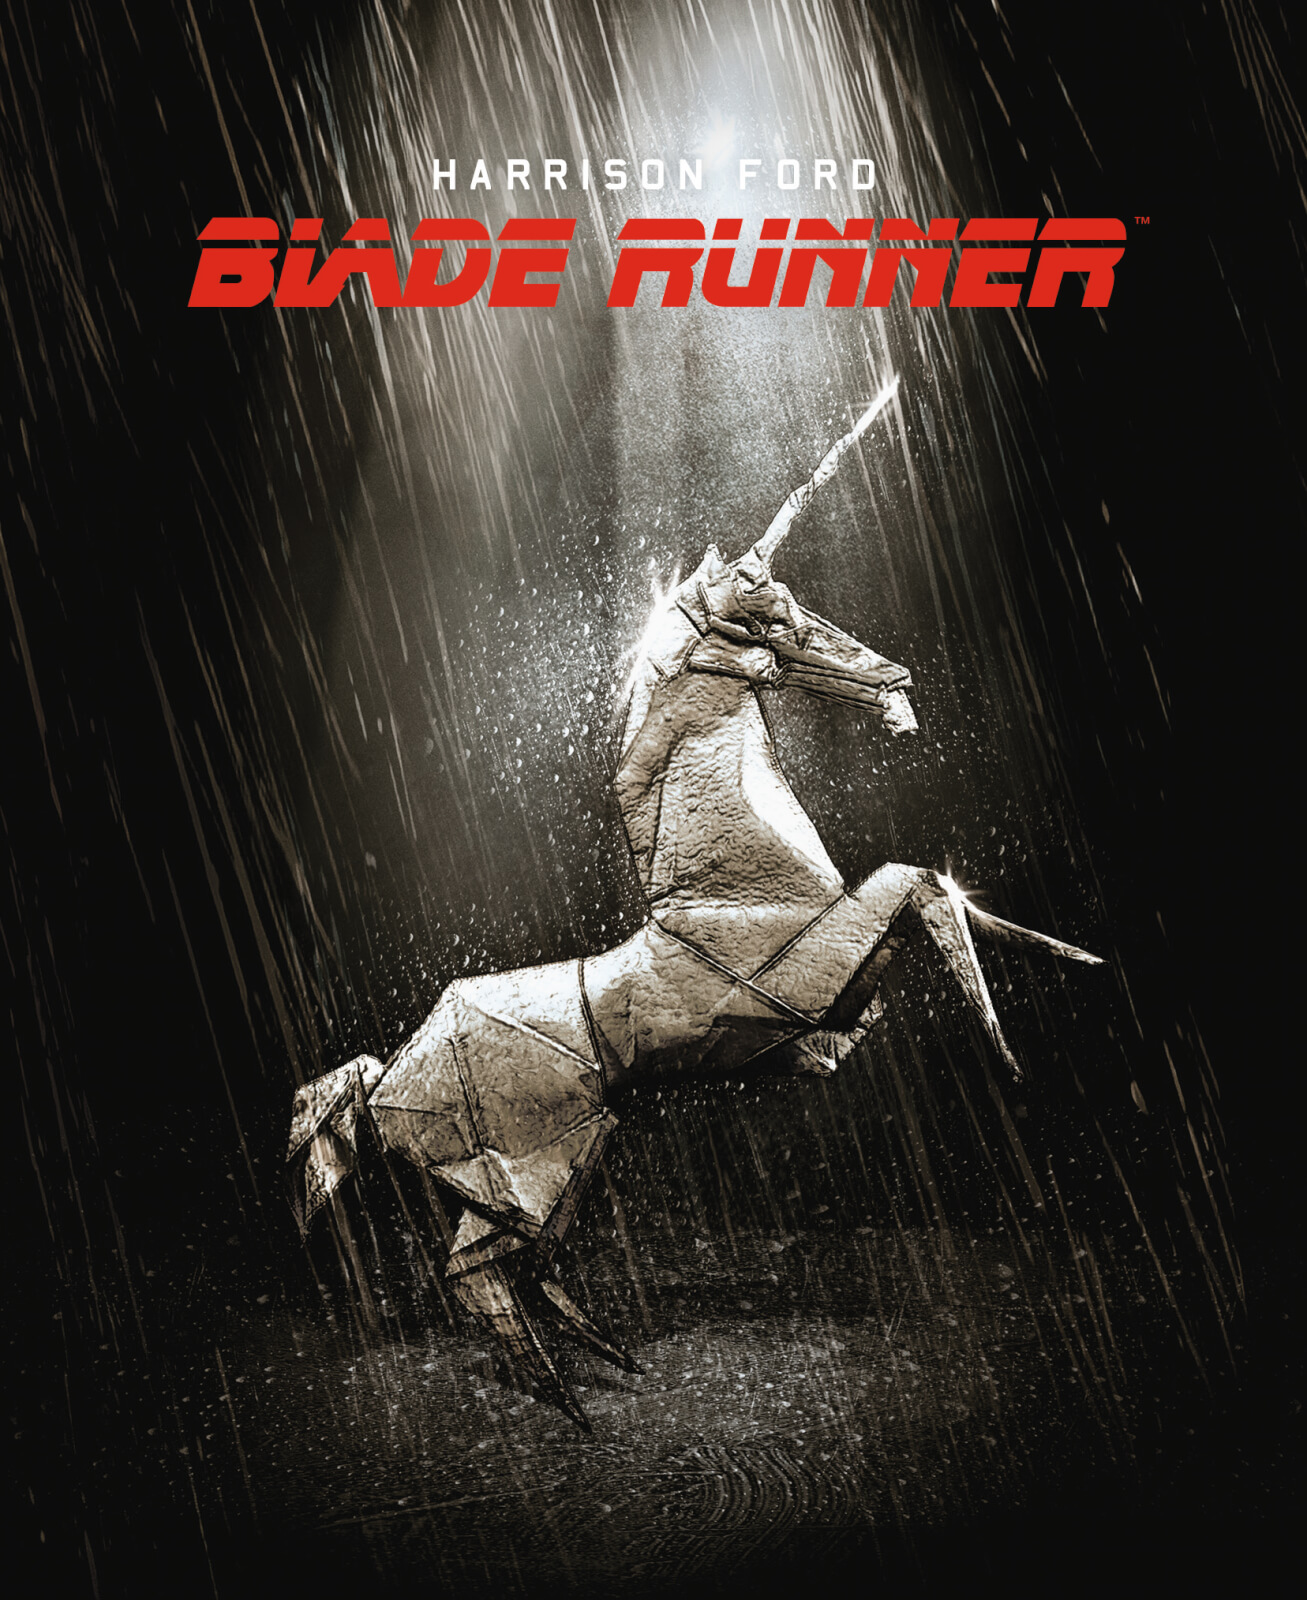 blade.runner.1982.final.cut.1080p.bluray